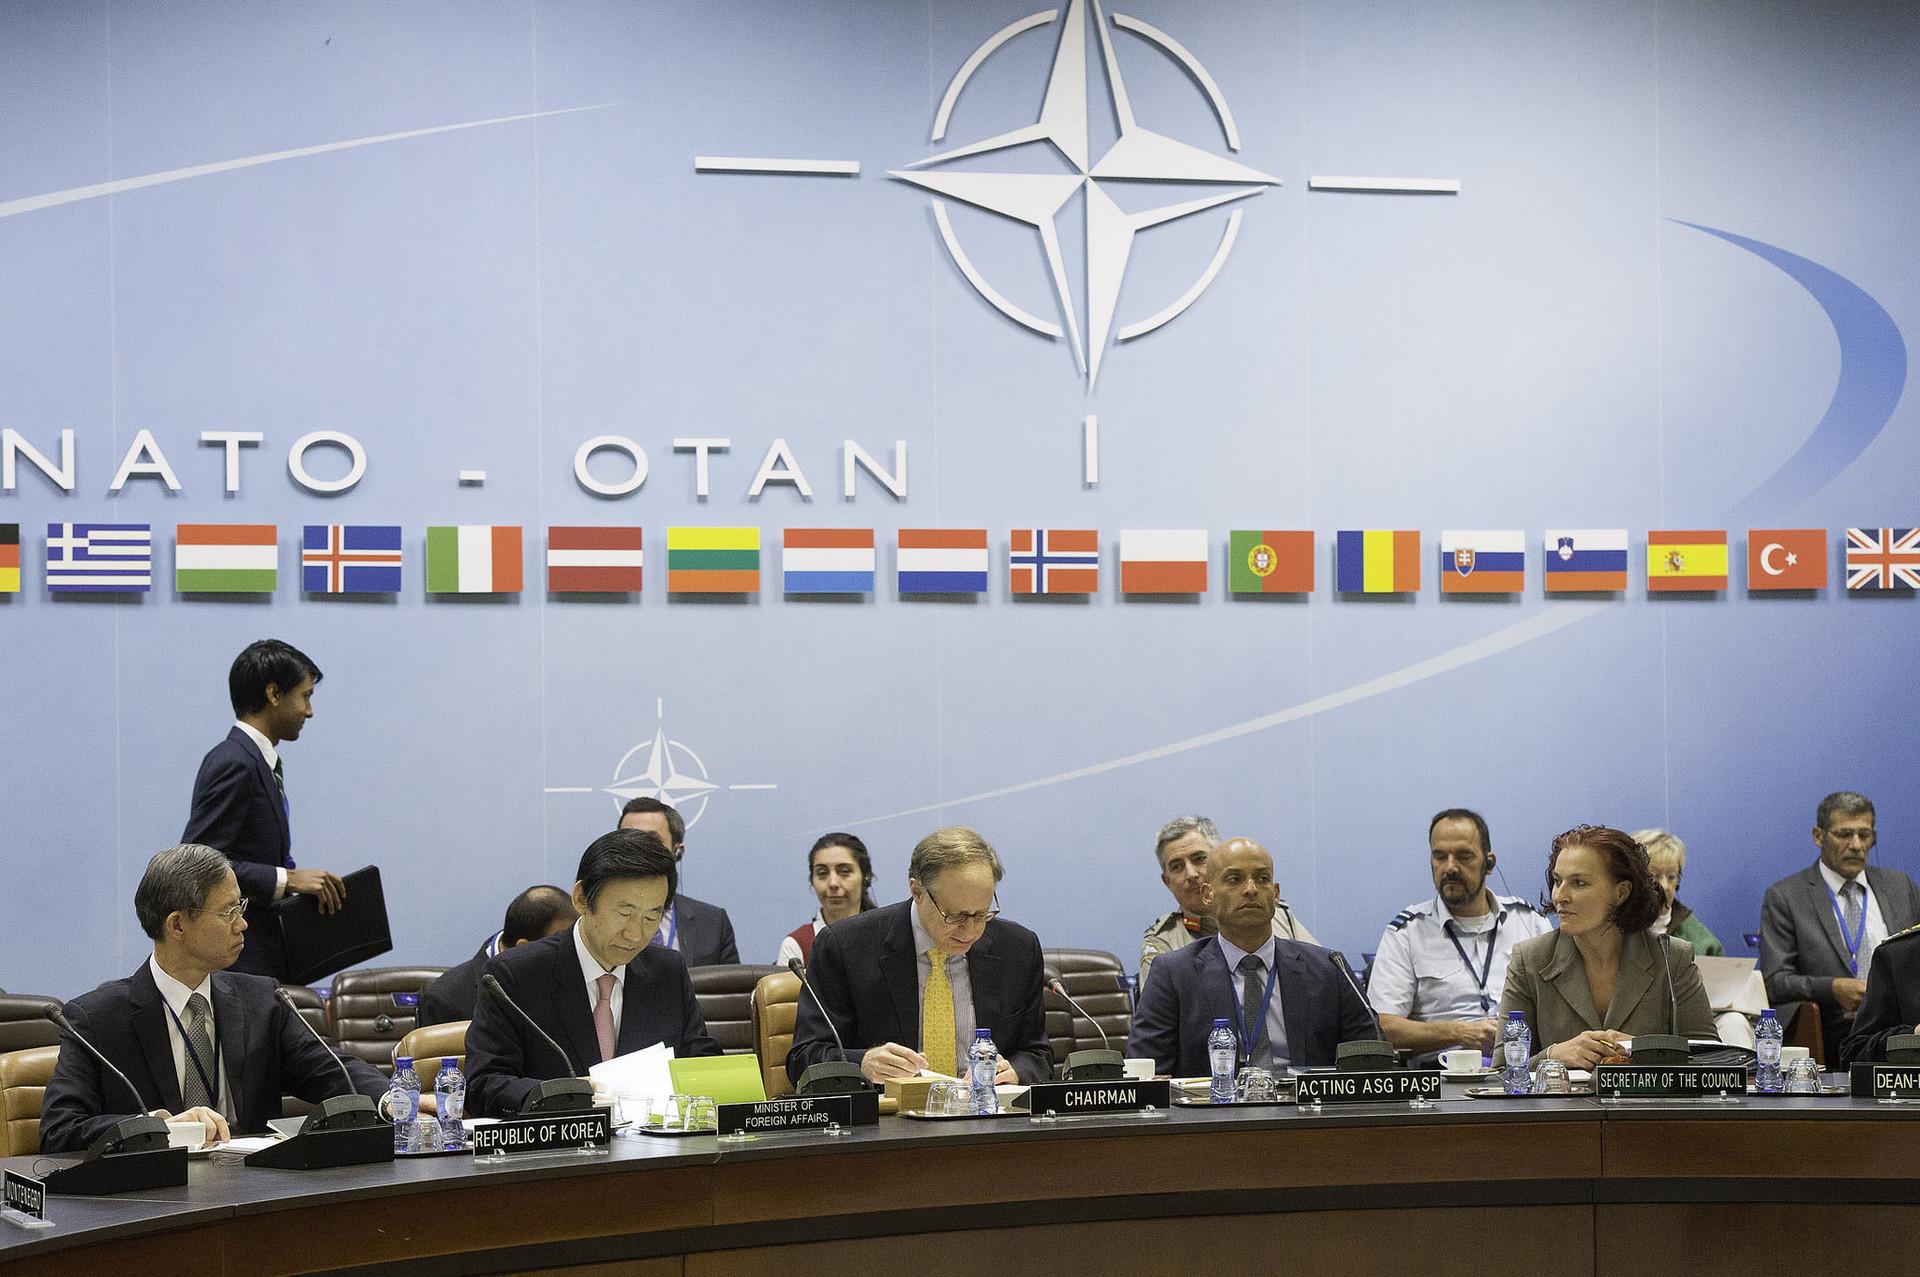 Reunión de los países miembros de la OTAN.